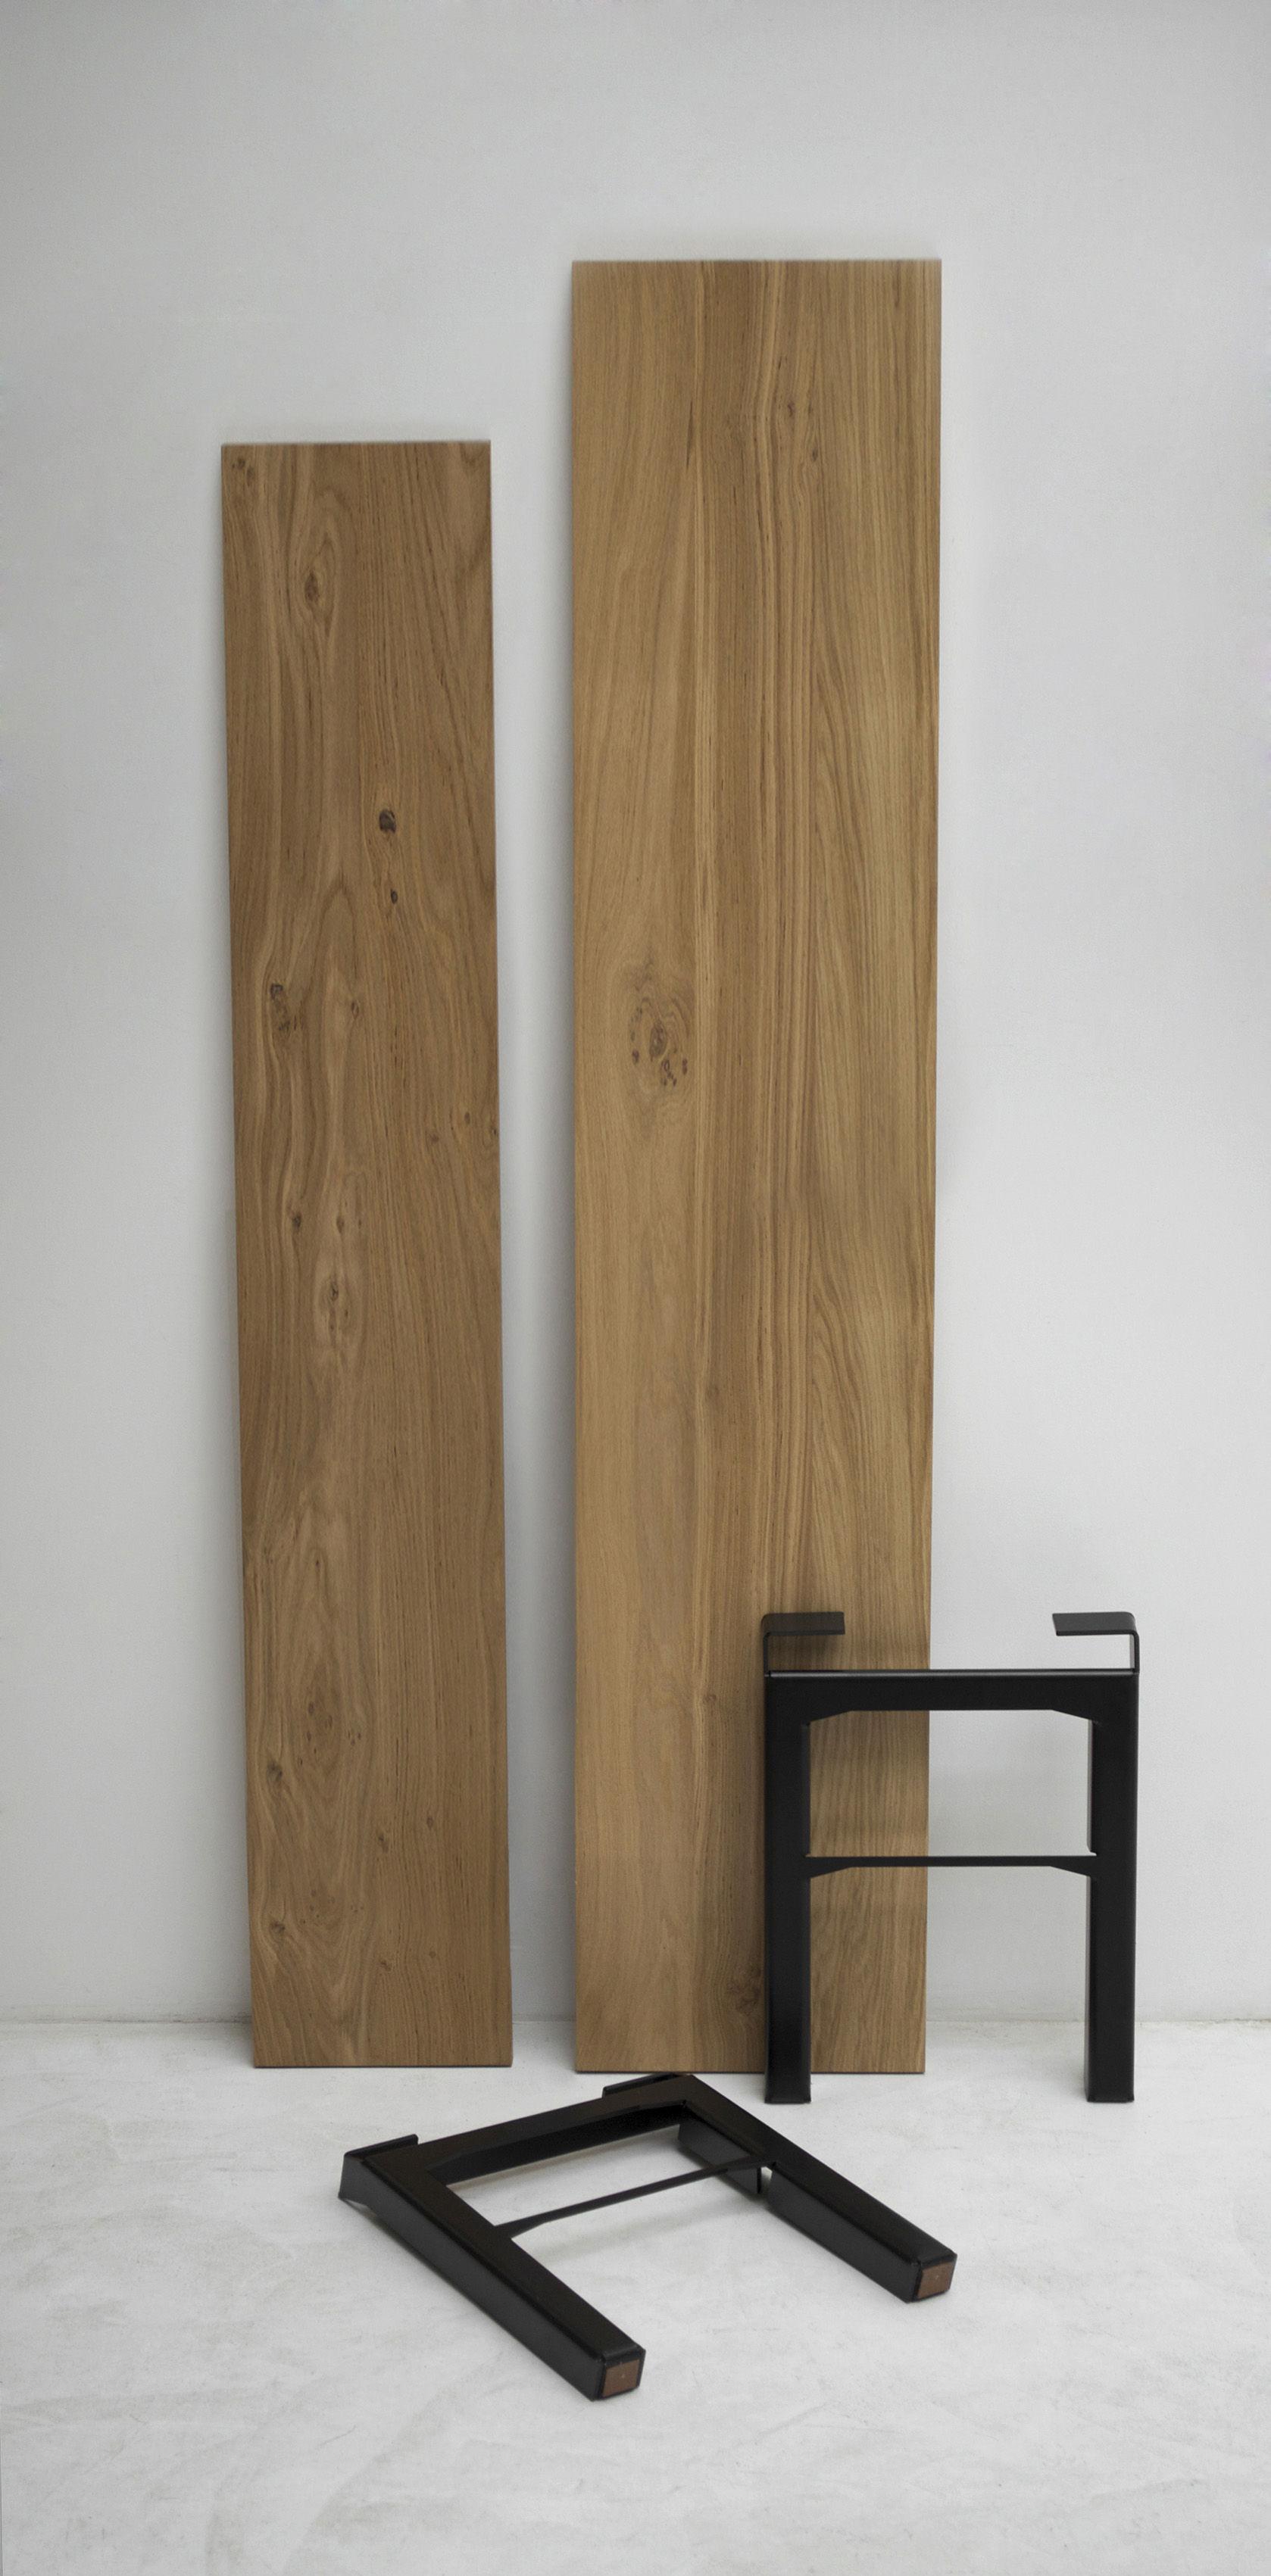 pi niedrige konsole tv m bel 180 x 35 cm schwarz by moaroom made in design. Black Bedroom Furniture Sets. Home Design Ideas